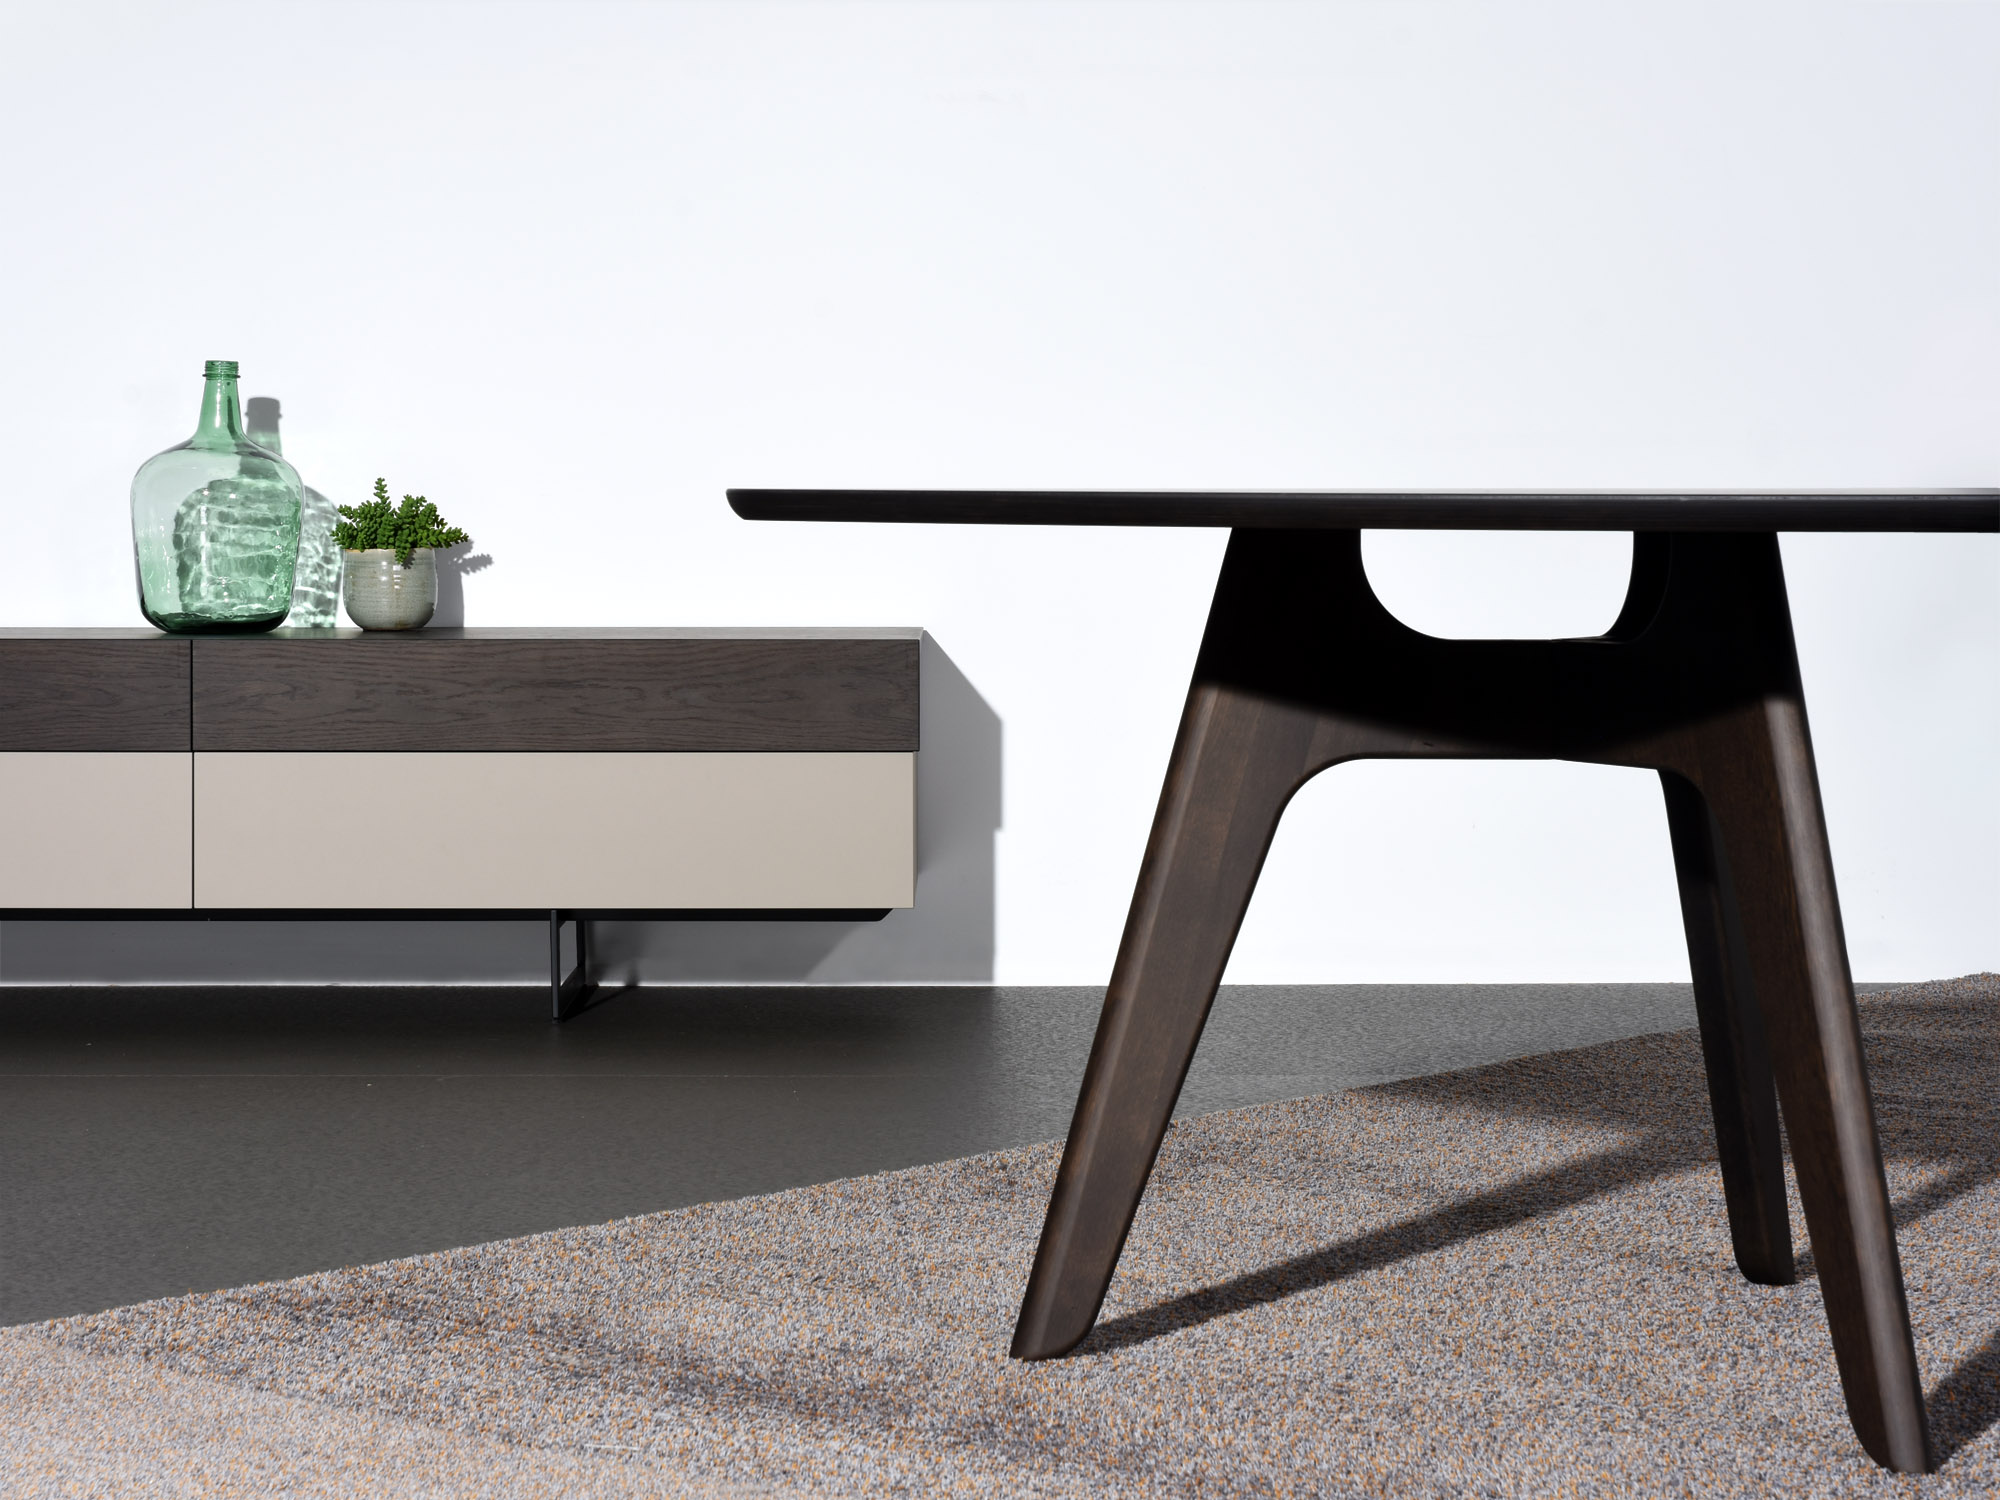 Castelijn TAPA & Foliant - Design by Marieke Castelijn & Dick Spierenburg